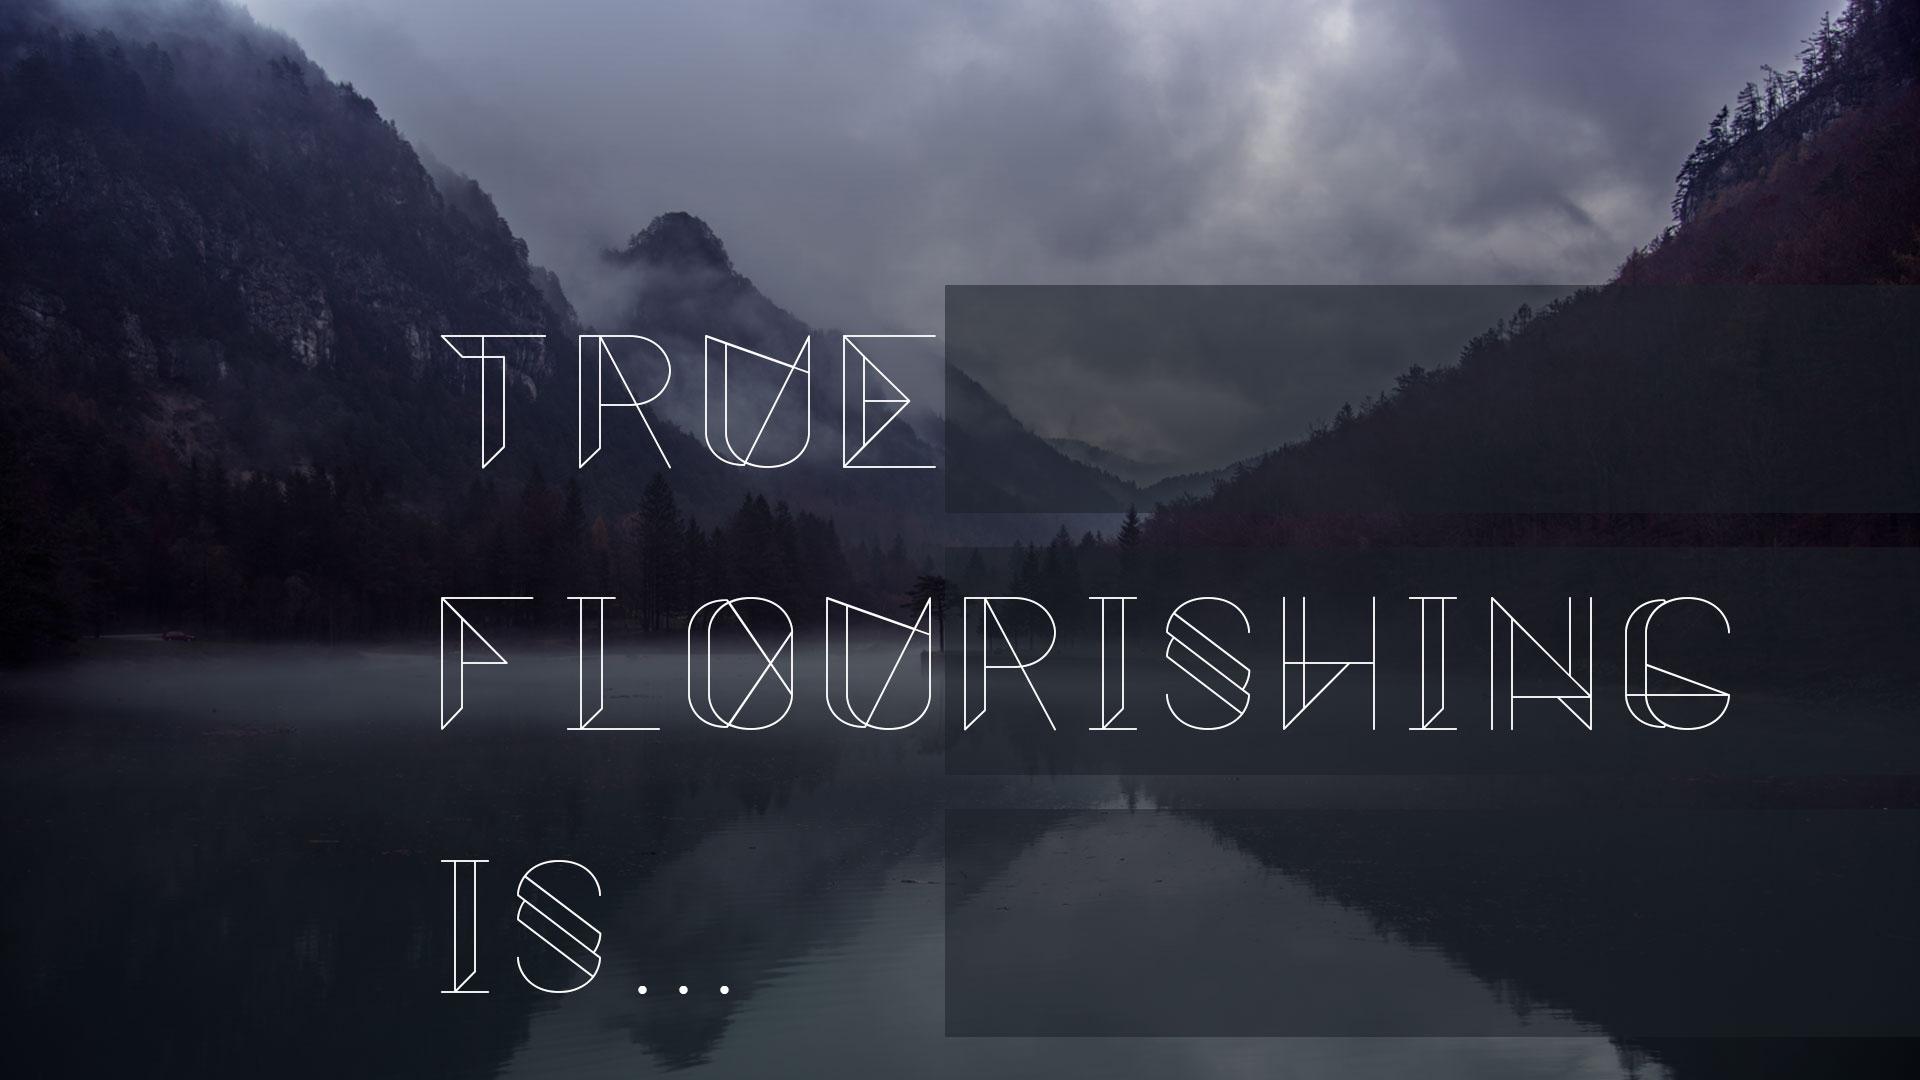 TrueFlourishingIs.jpg